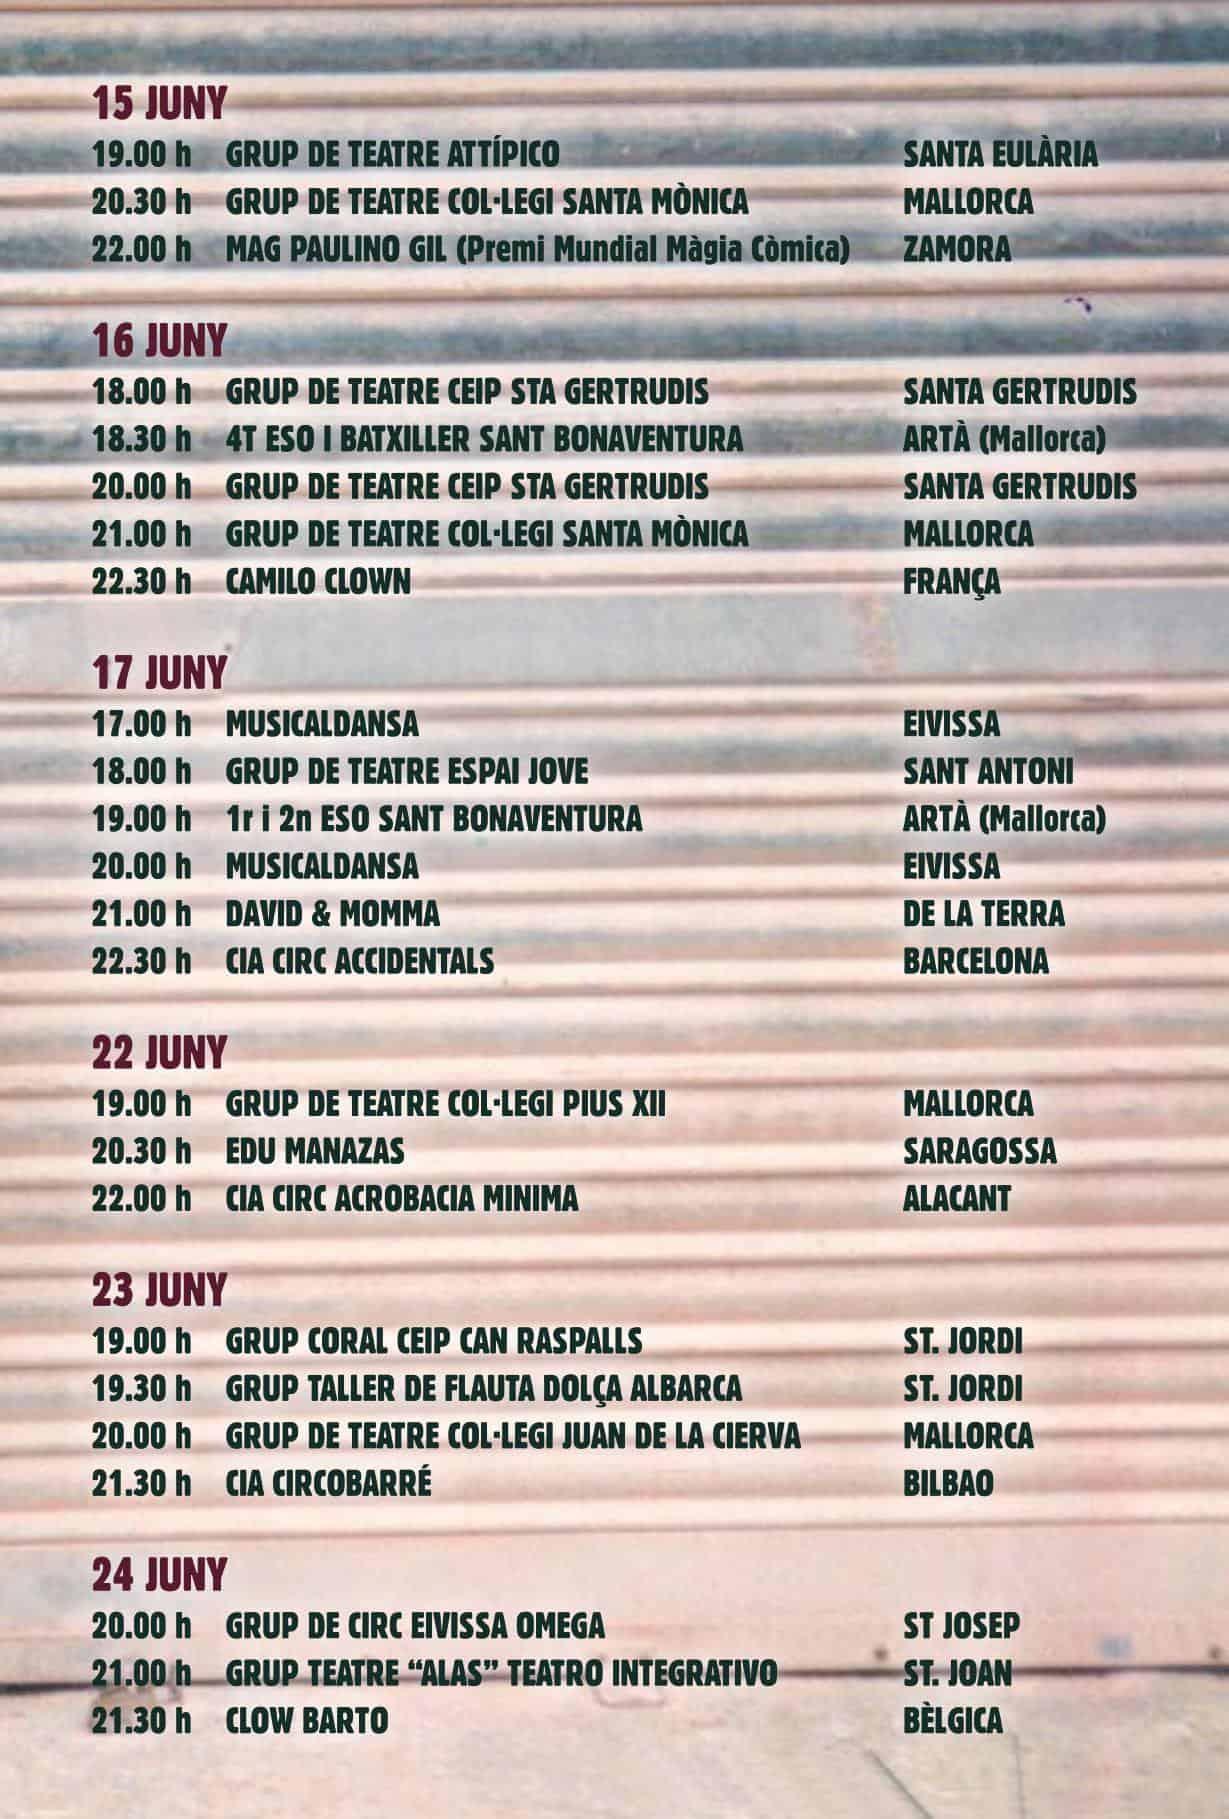 Programa de El Festn 2018